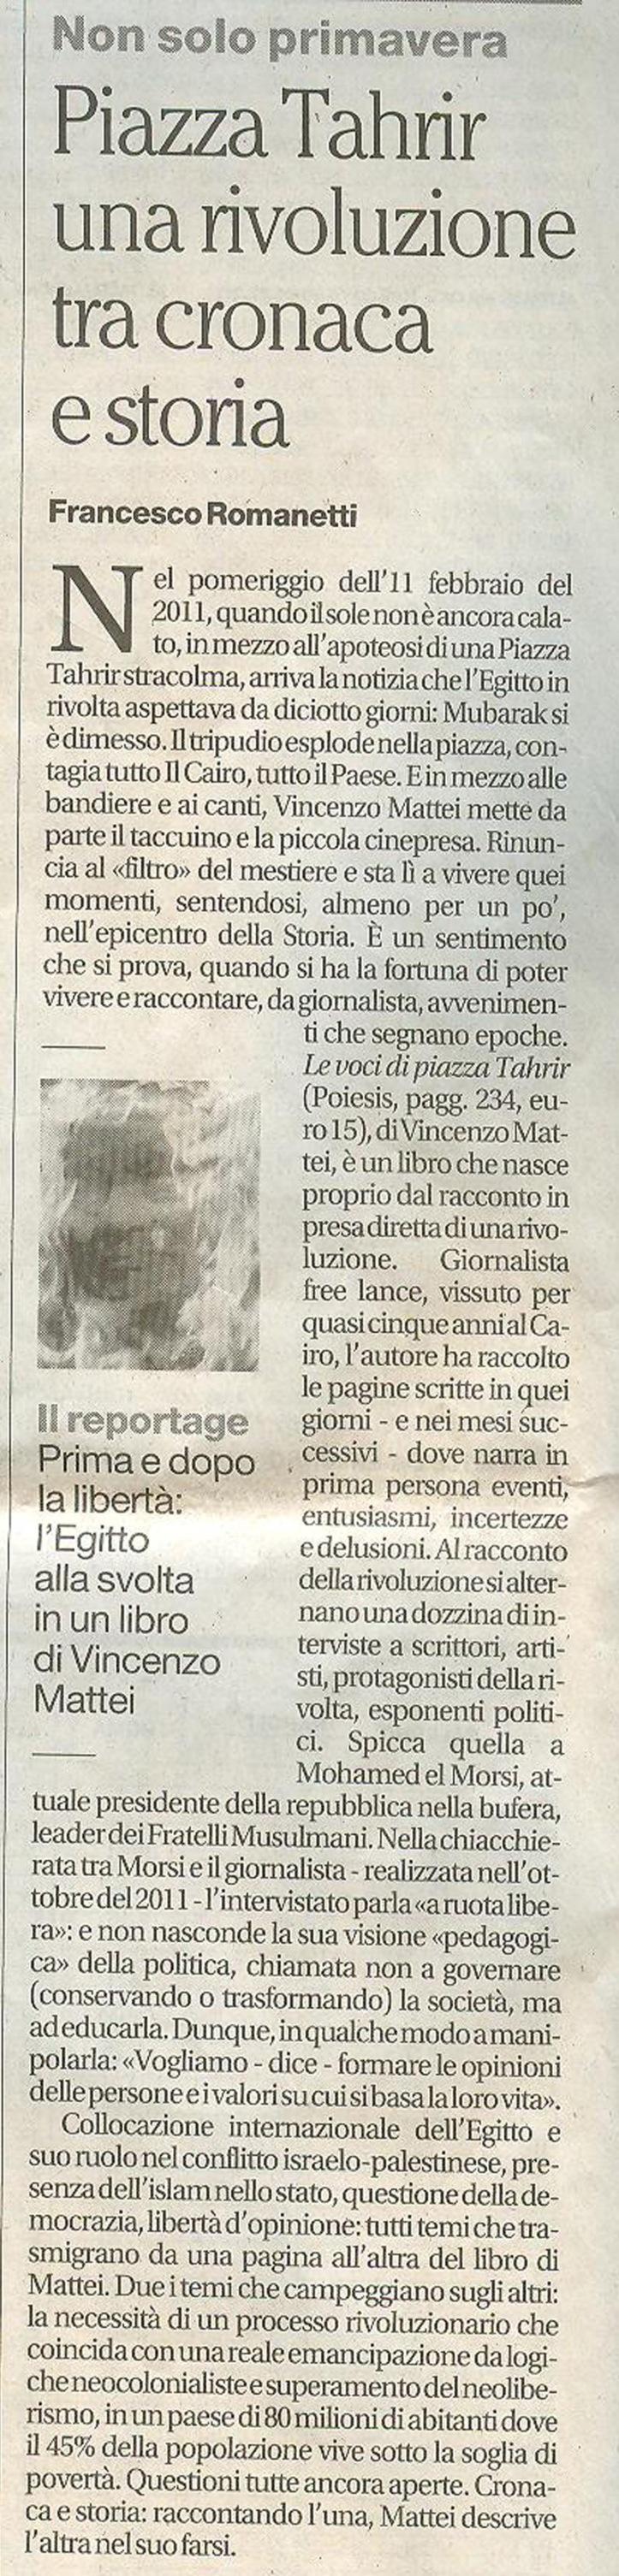 Recensione sul Mattino di Napoli (11 dicembre 2012)